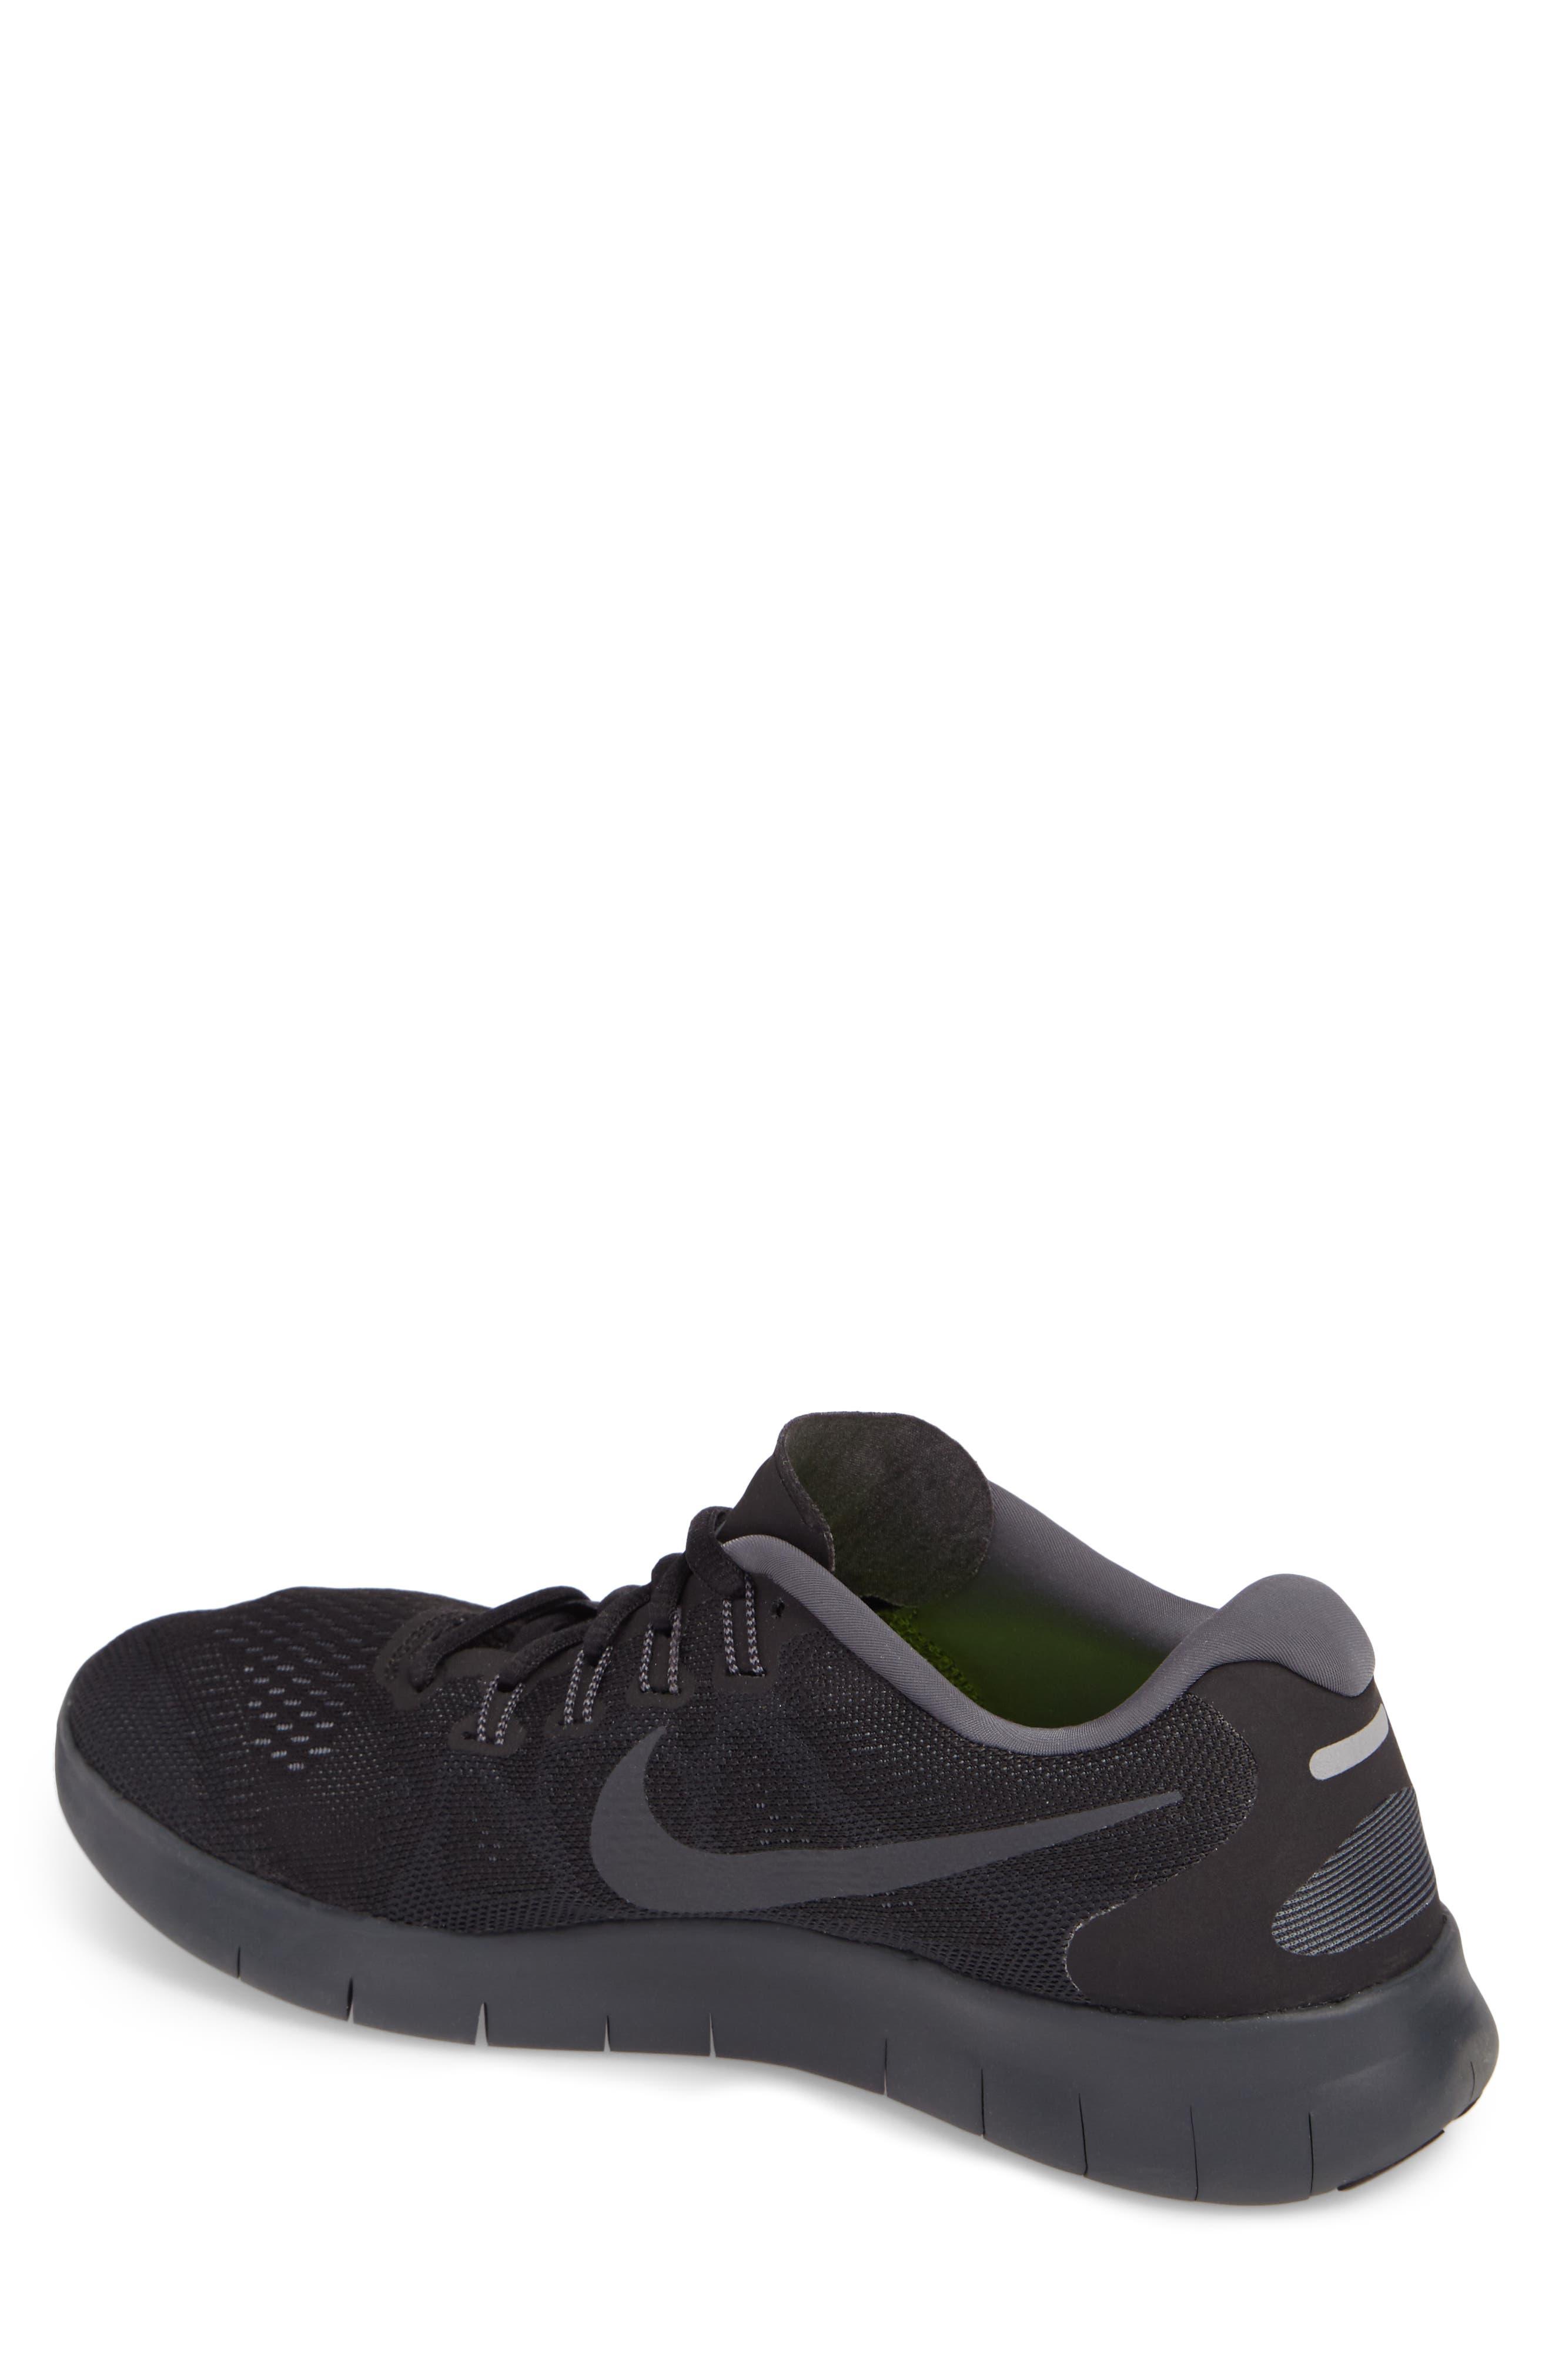 Alternate Image 2  - Nike Free Run 2017 Running Shoe (Men)